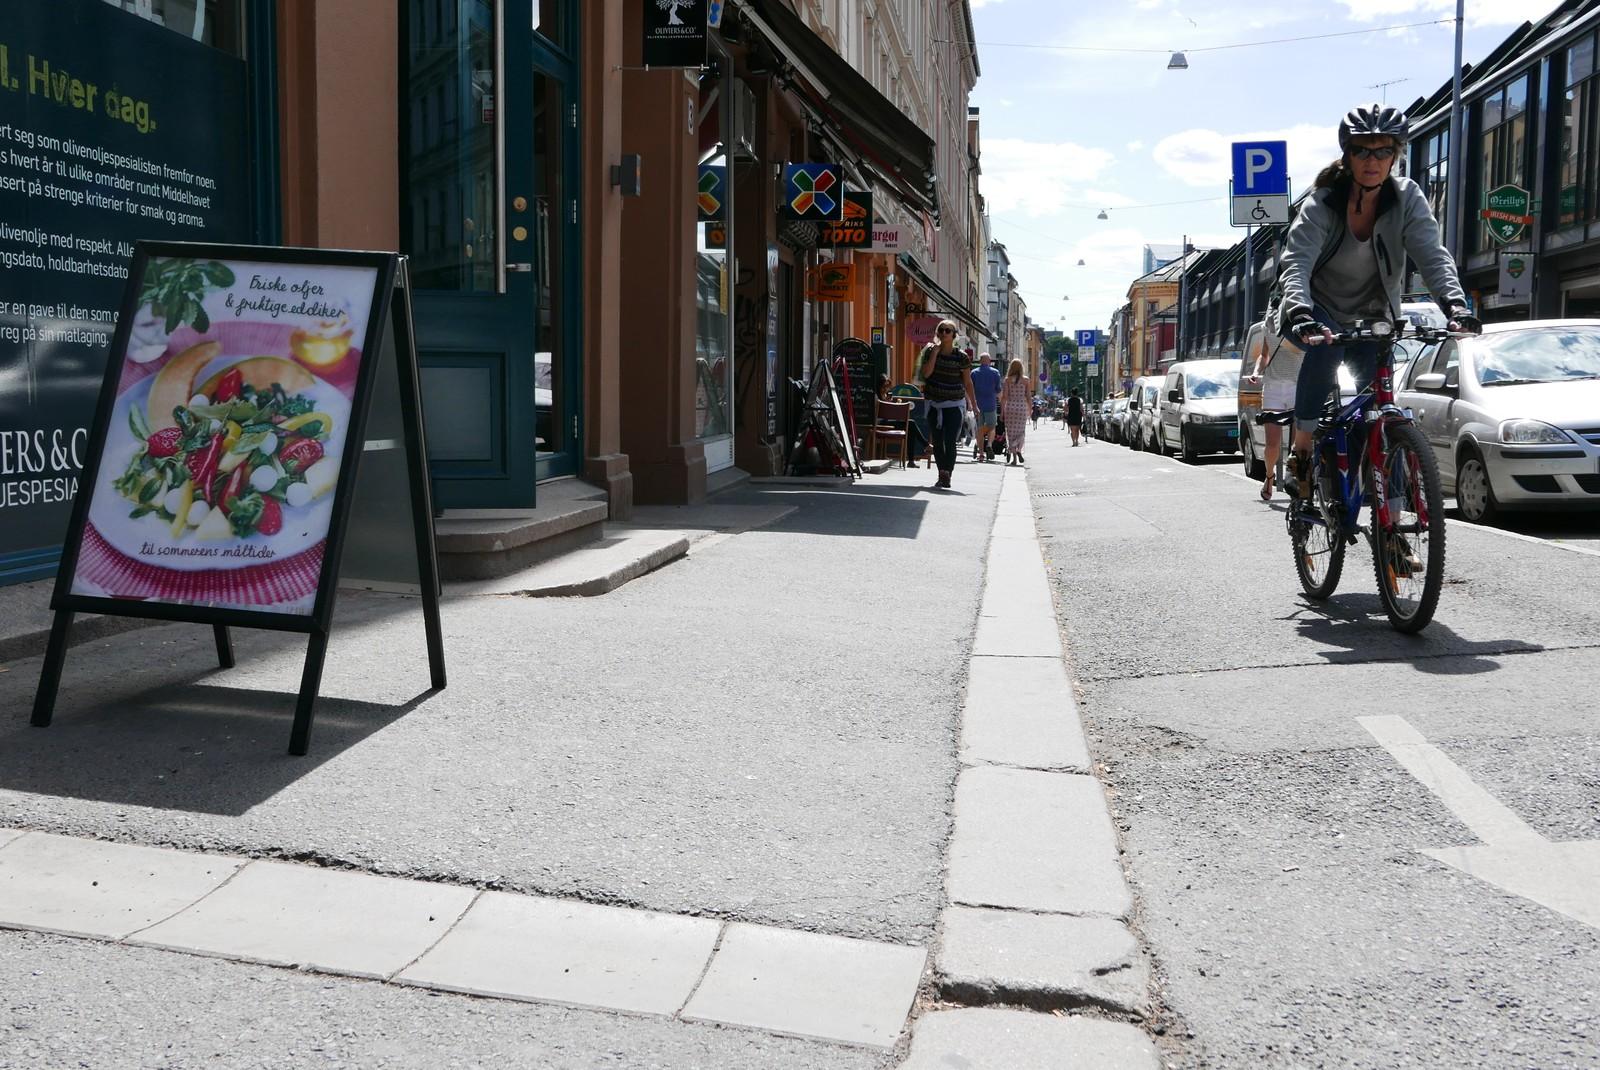 I Markveien på Grünerløkka er reklamebukkene plassert riktig.